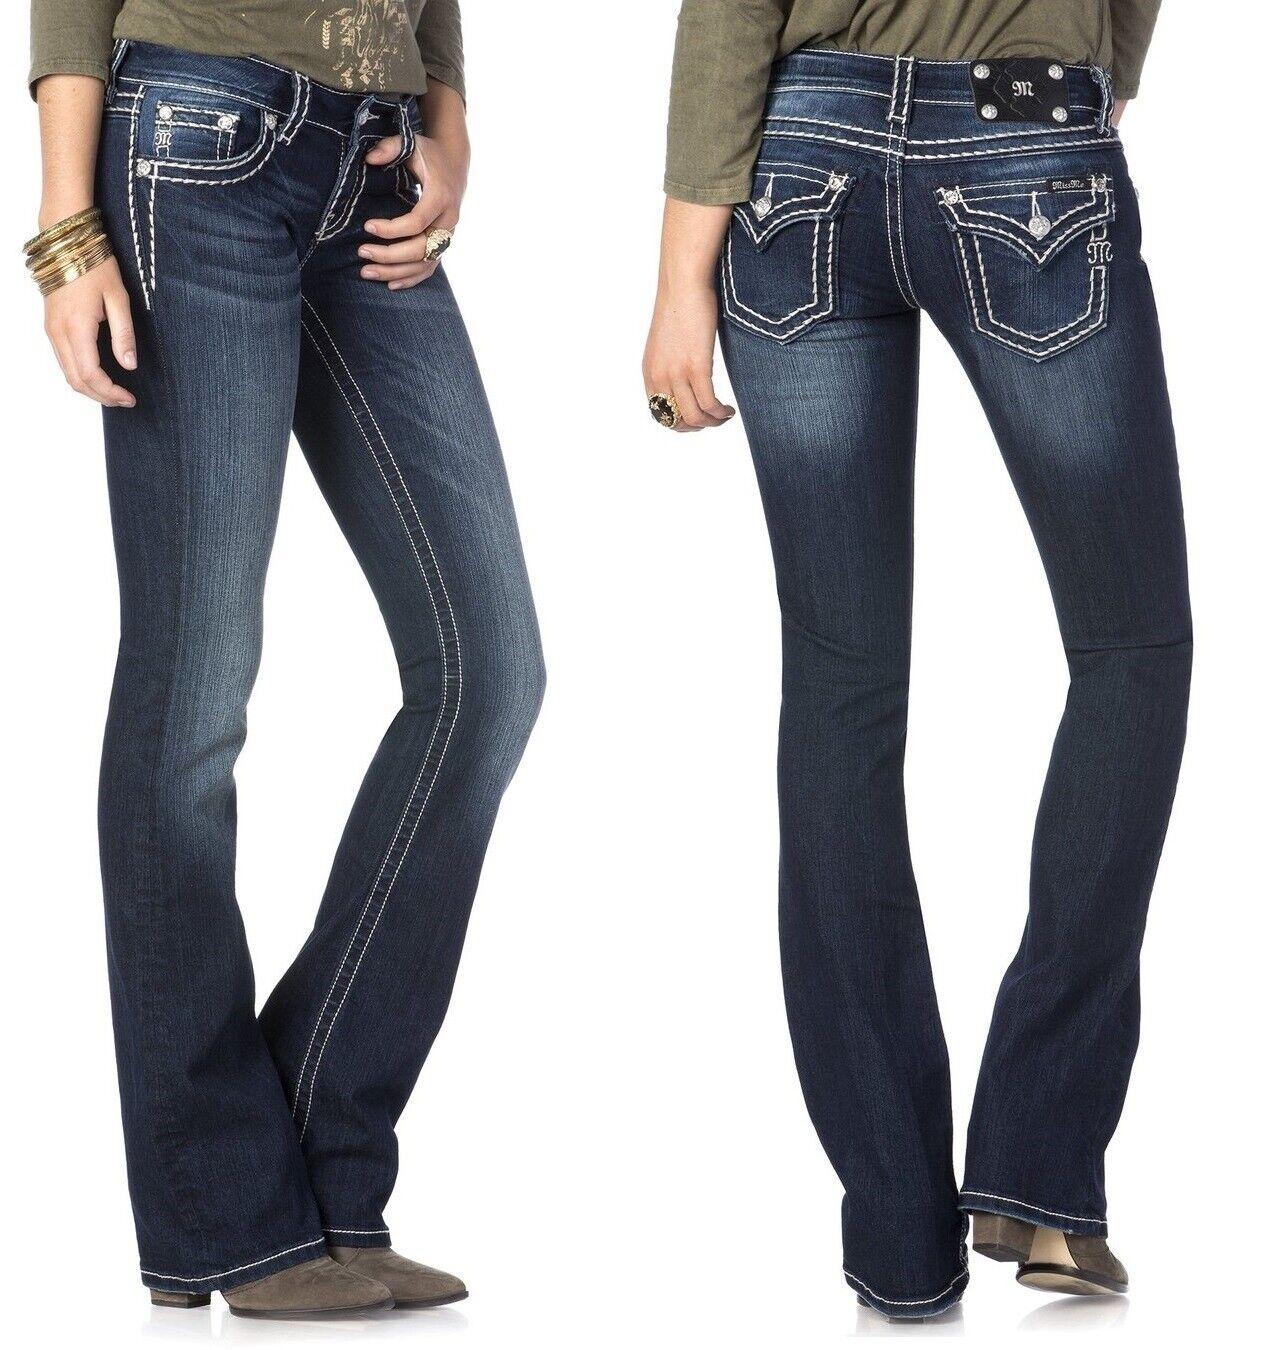 Miss Me Jeans taille 24 en vrac Saddle Stitch frontière démarragecut Poche à rabat bleu